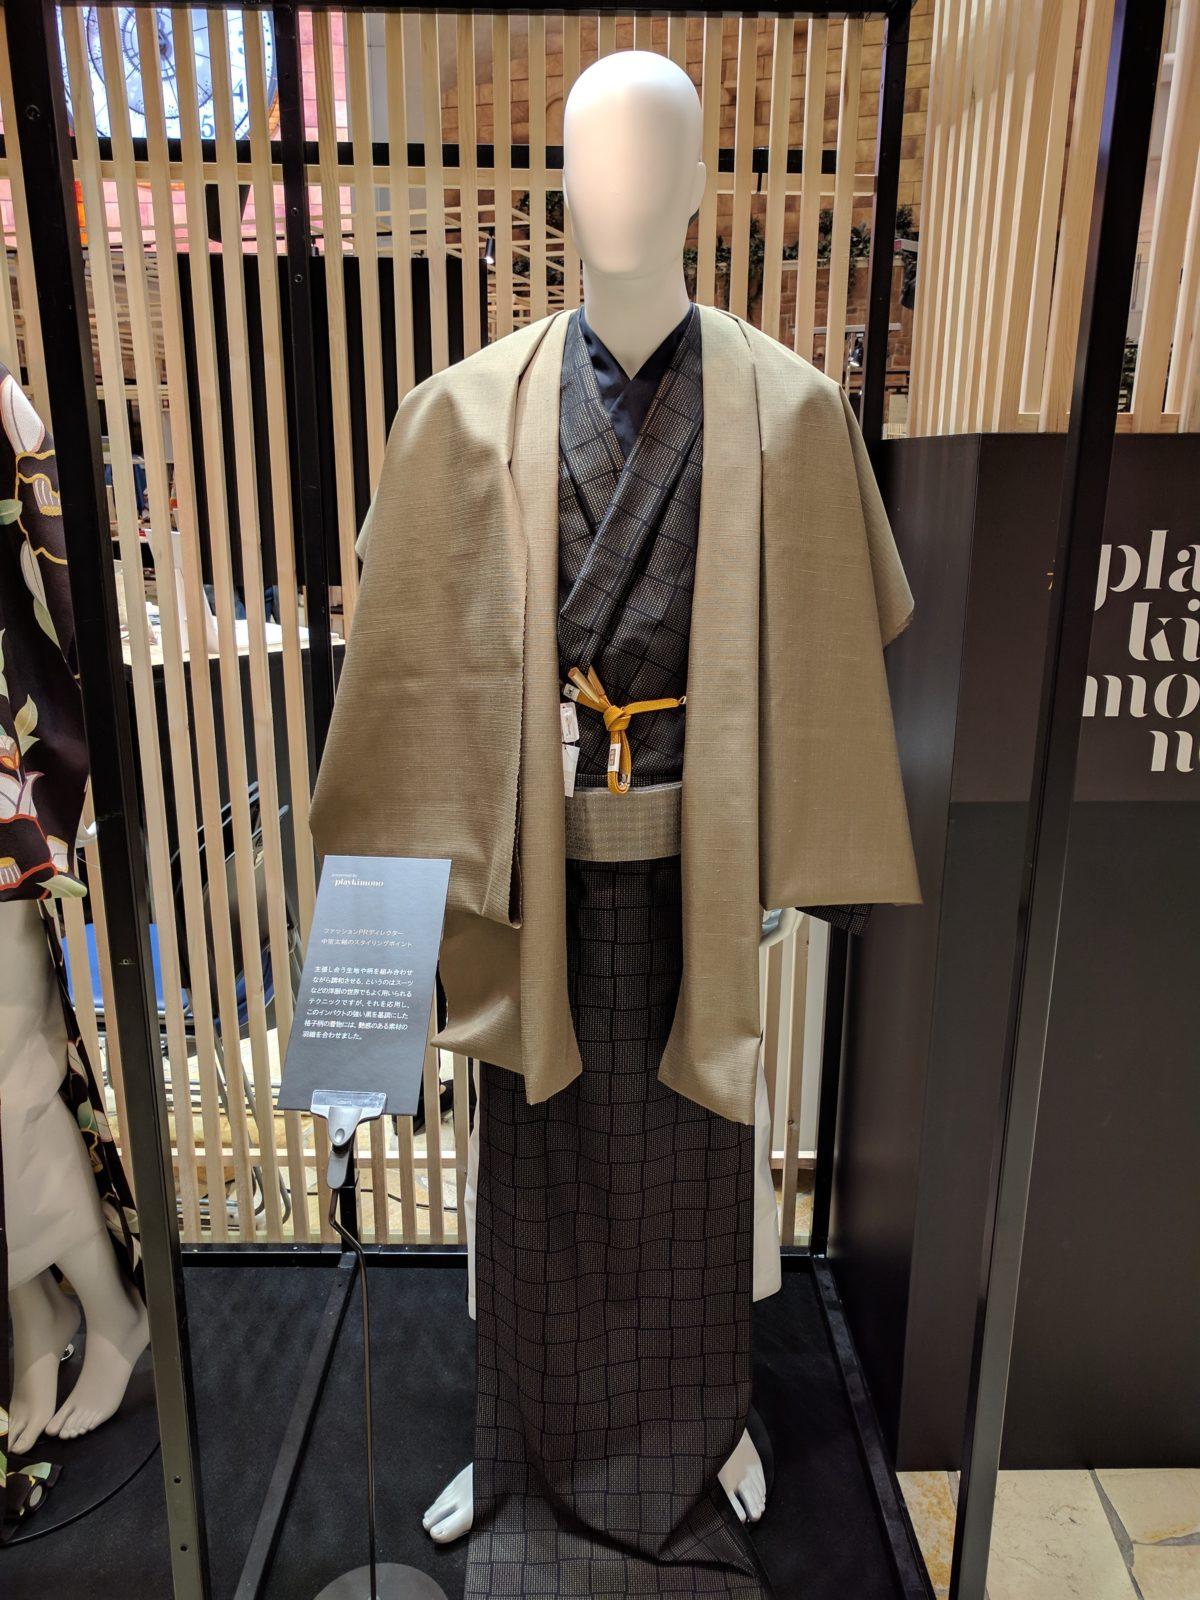 男の和服,メンズ着物,狐面,日本,裏着物,和,文化,プレイキモノ,